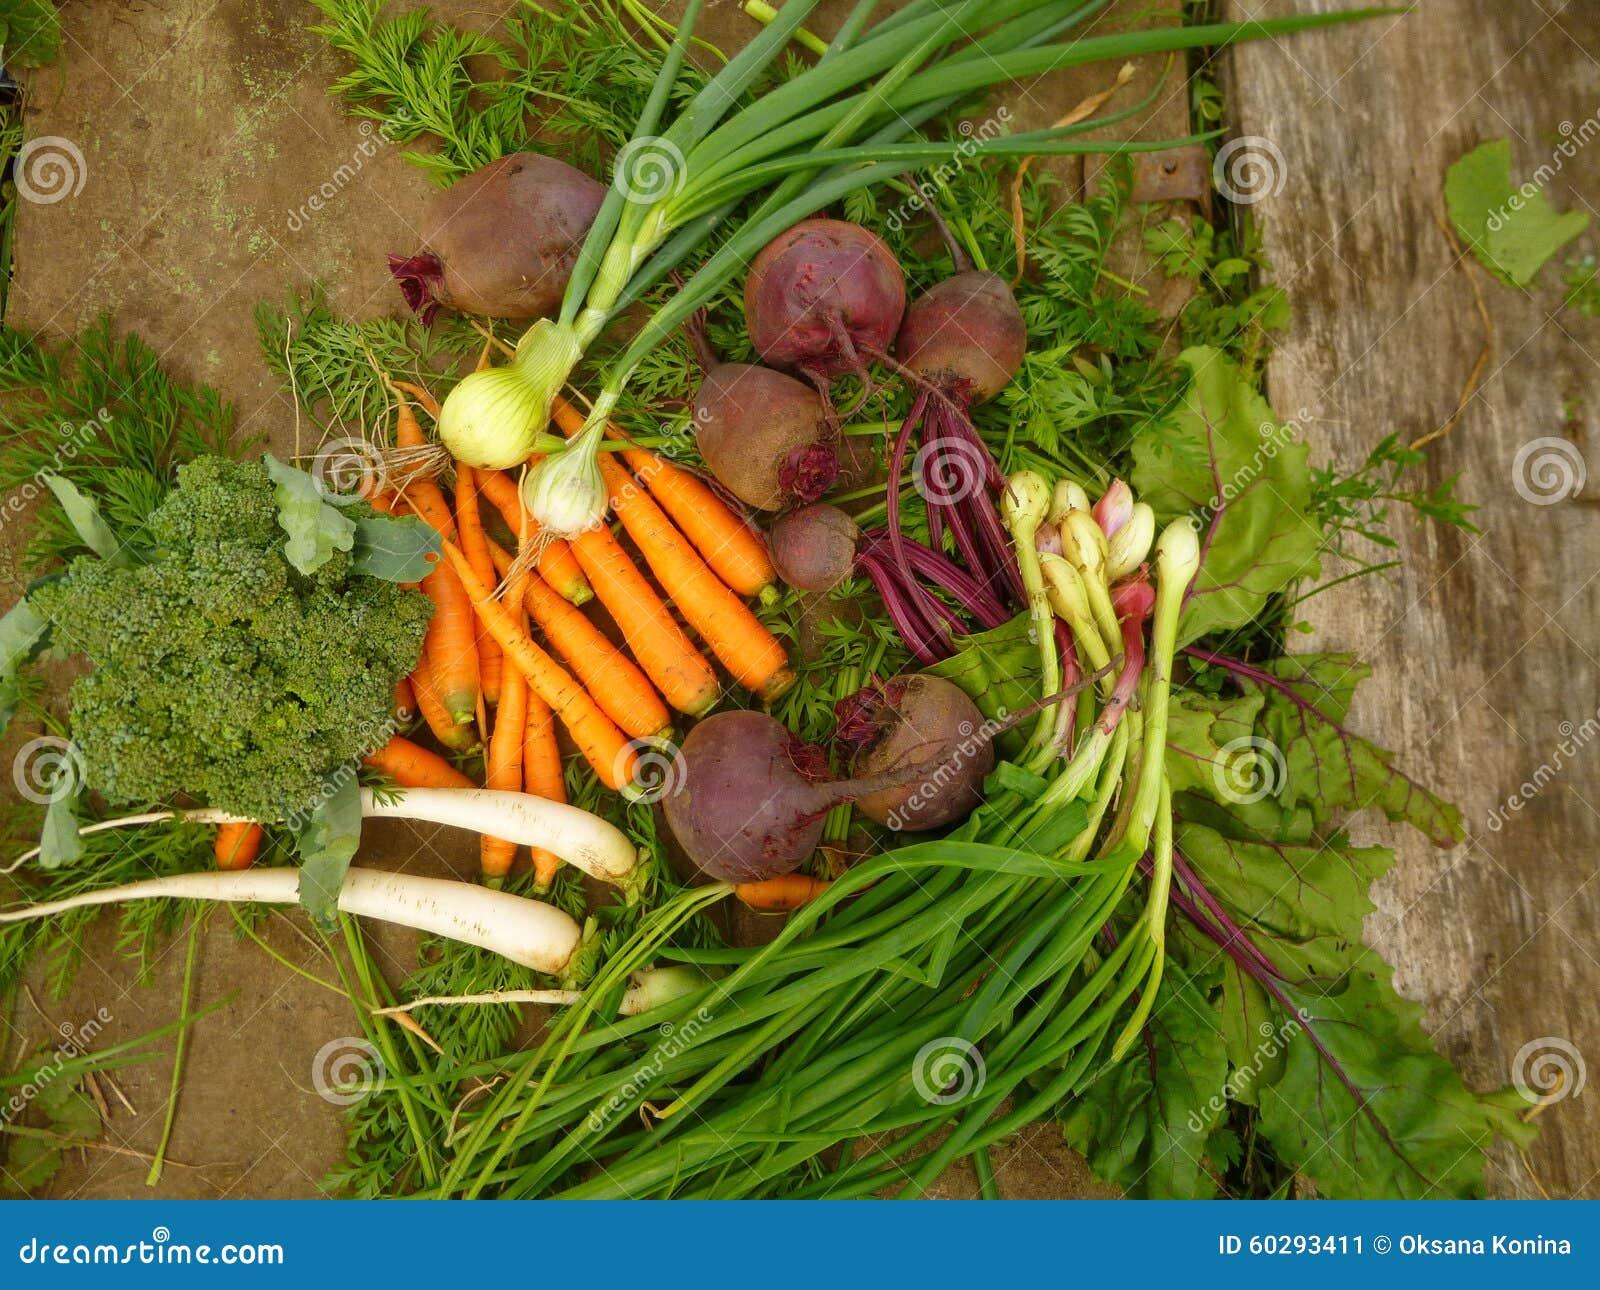 Świezi warzywa: cebula, buraki, marchewki, kalafior, rzodkiew